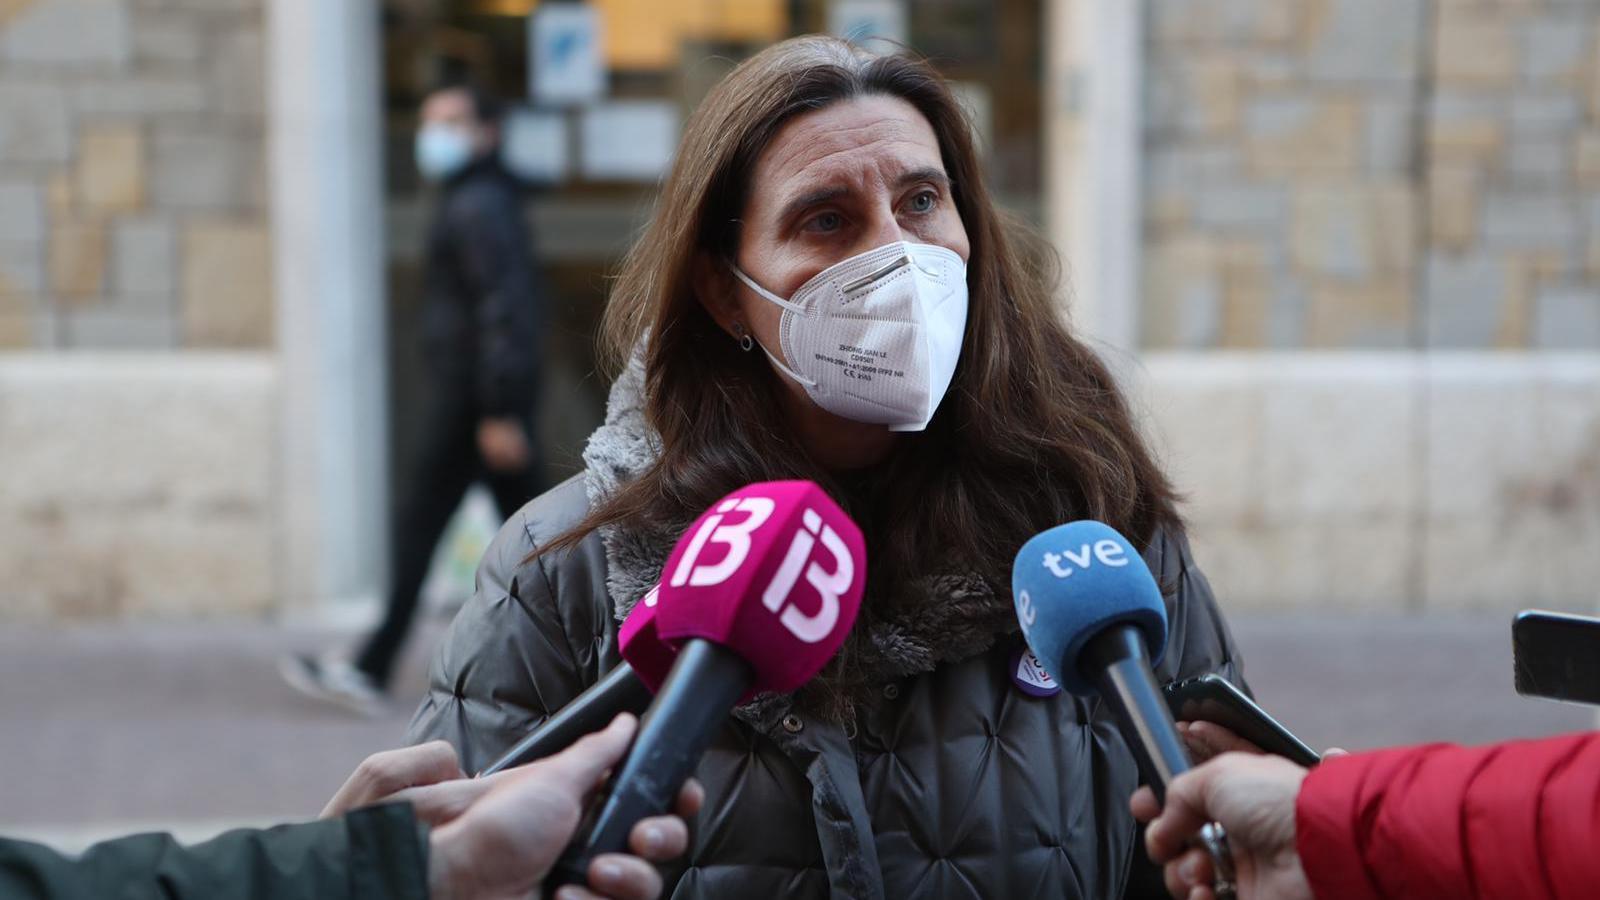 La subdirectora d'Atenció a la Cronicitat del Servei de Salut de les Illes Balears, Angélica Miguélez,